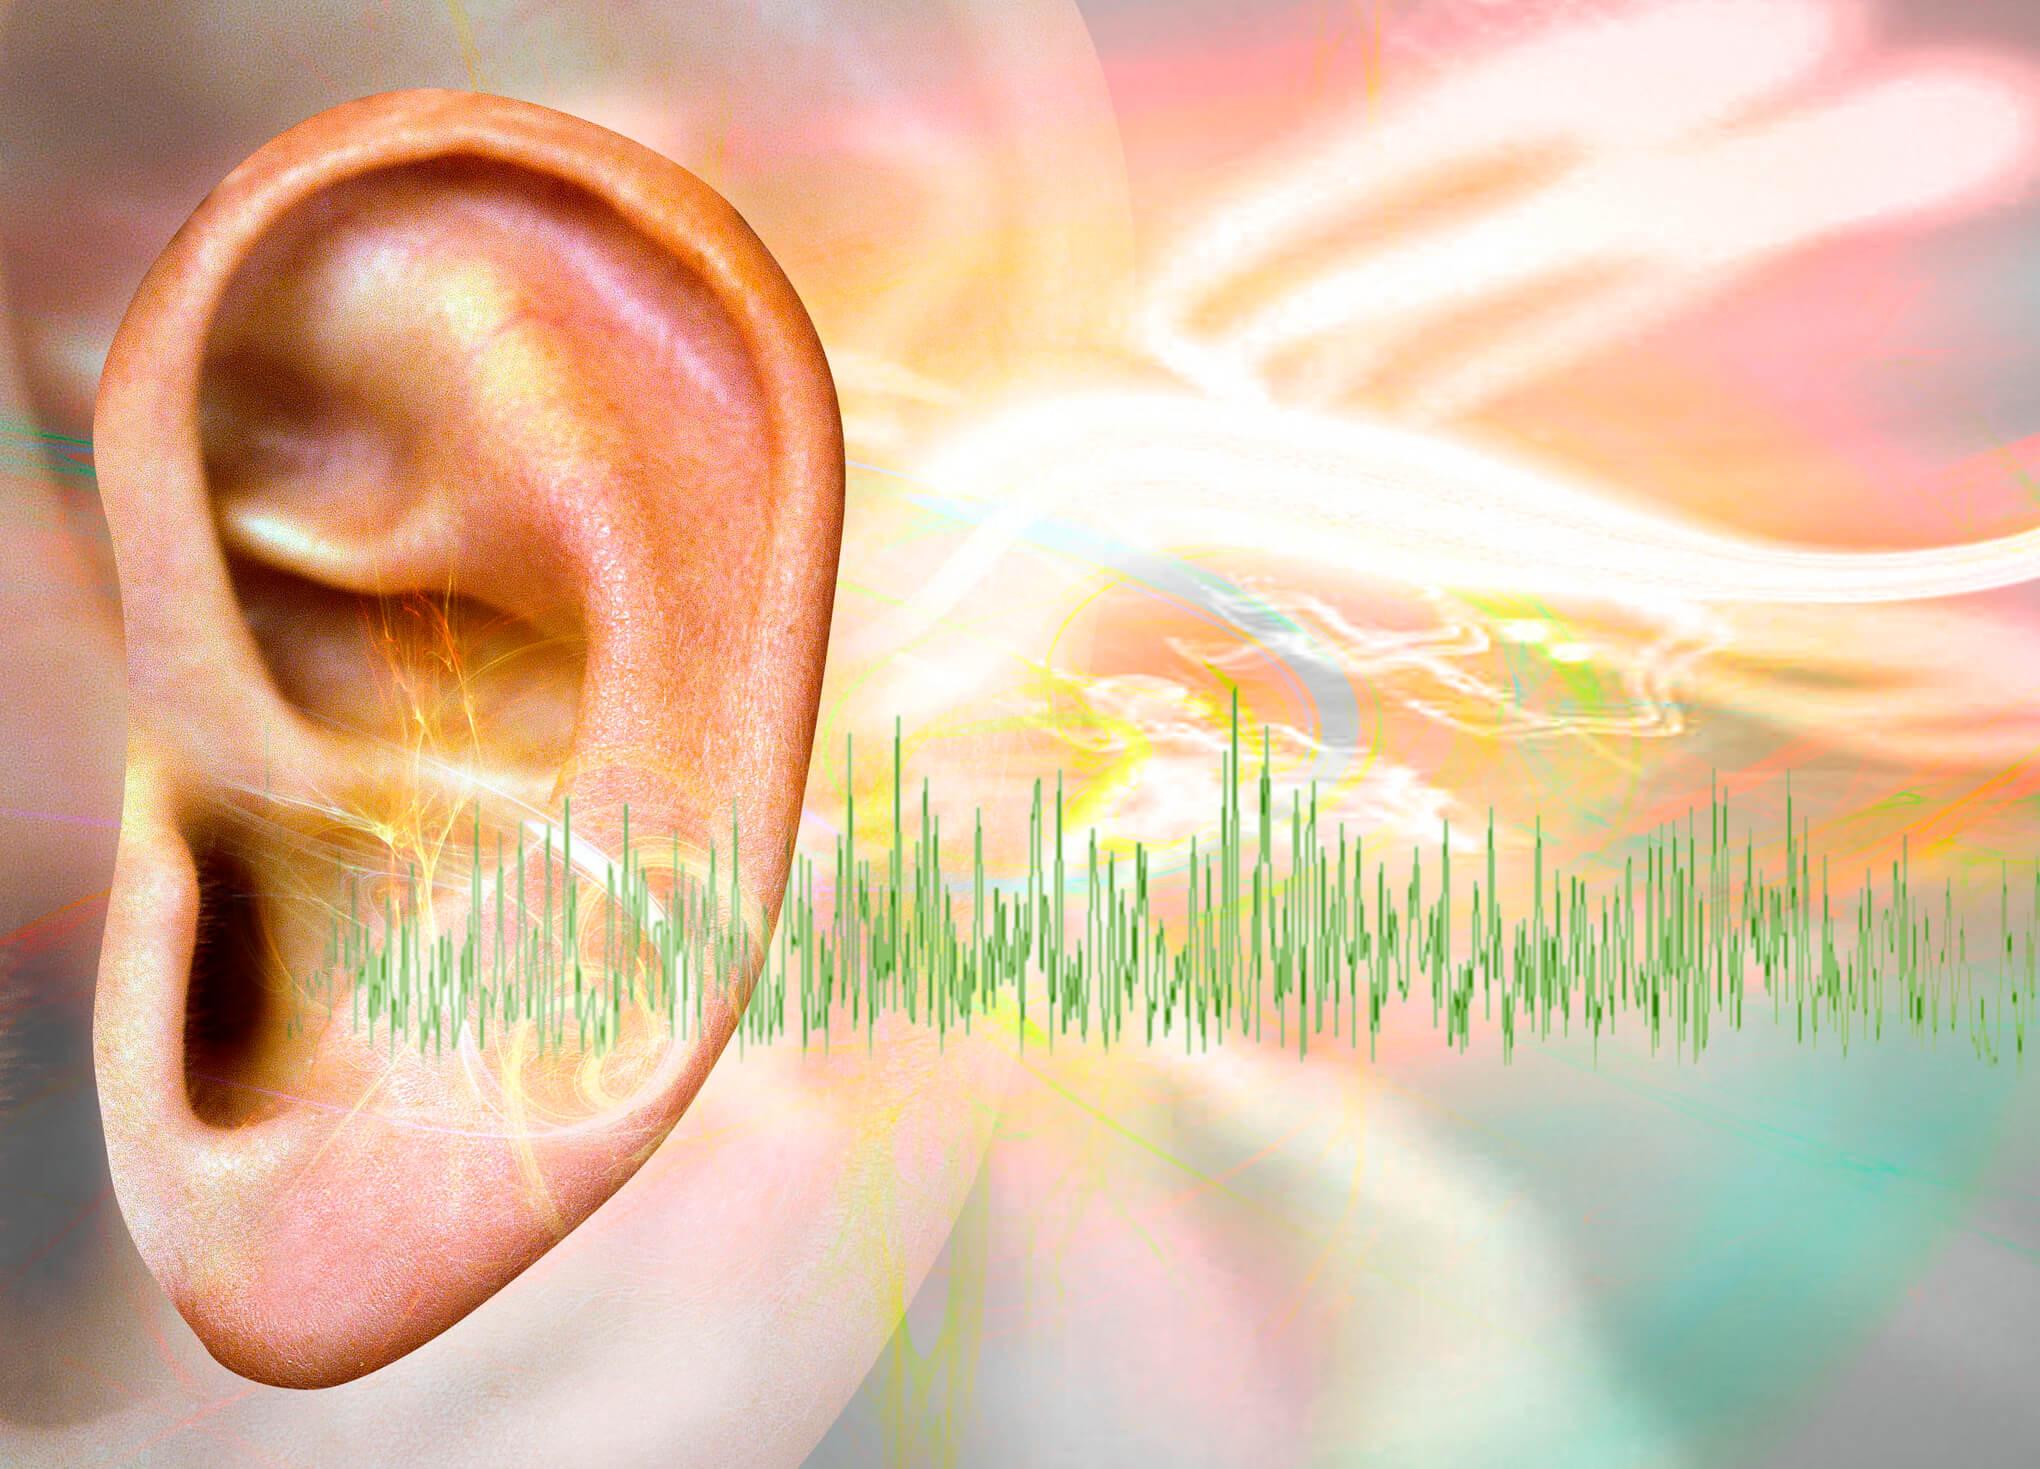 ارتباط واکسن کووید-۱۹ با از دست رفتن حس شنوایی